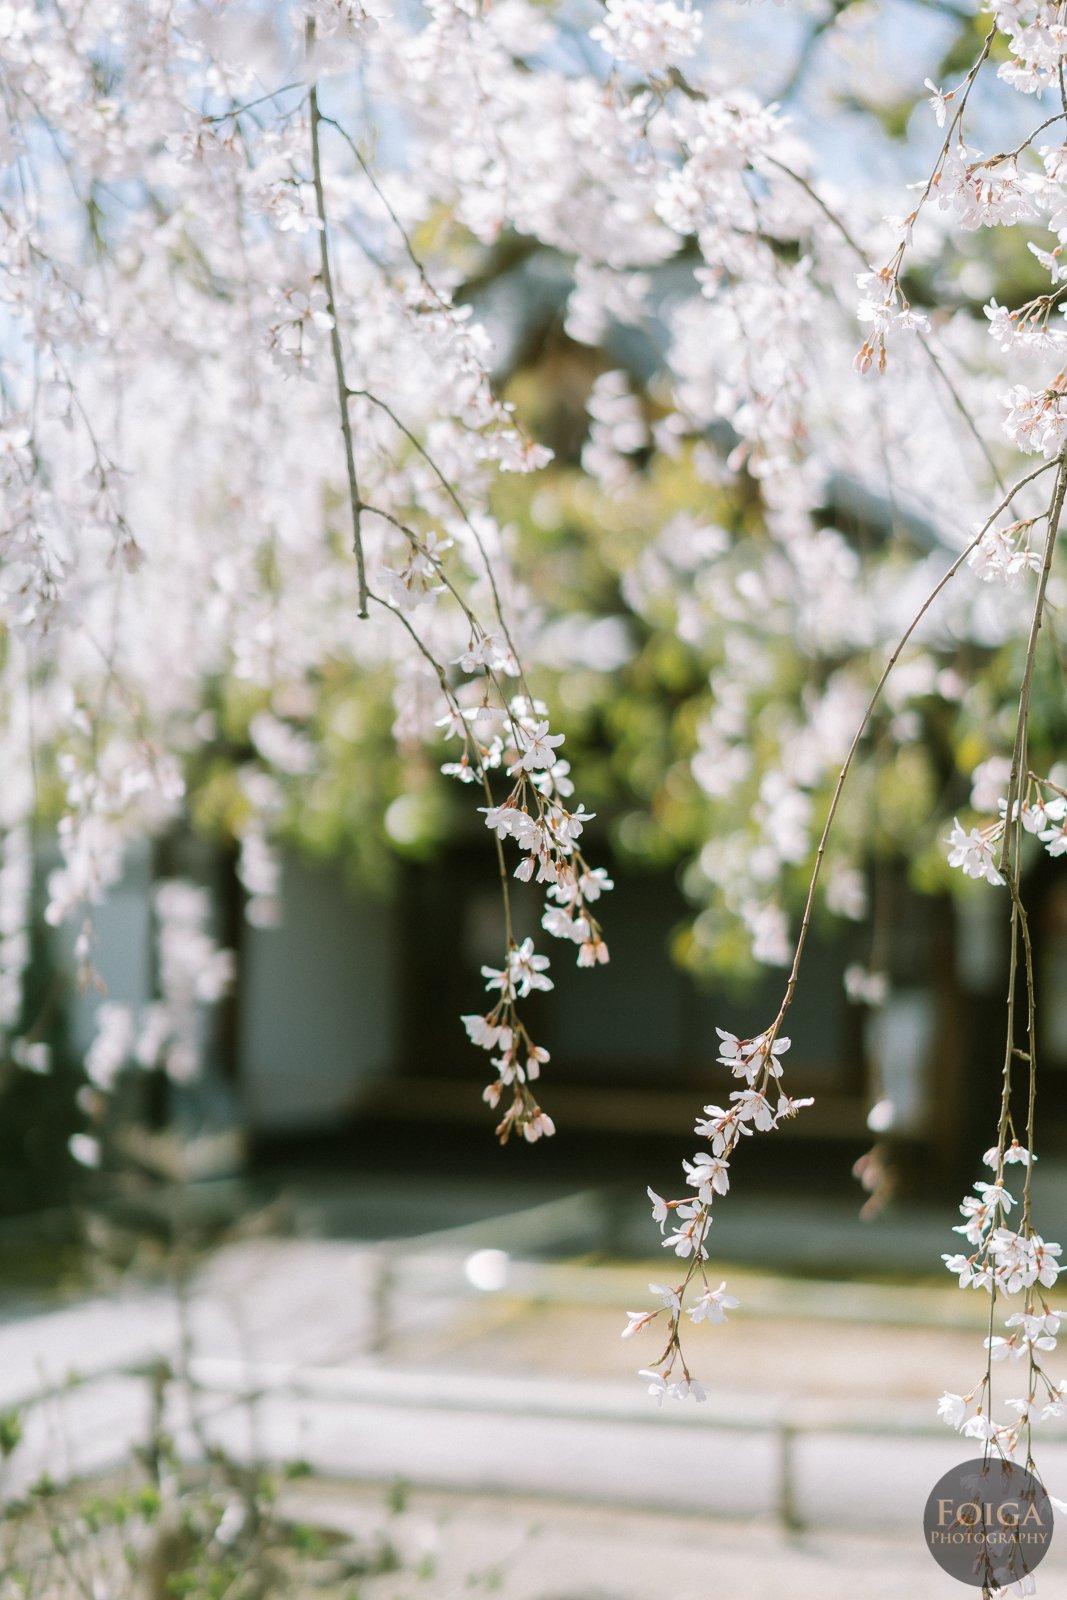 日本樱花季老司机带你玩转京都私房景点